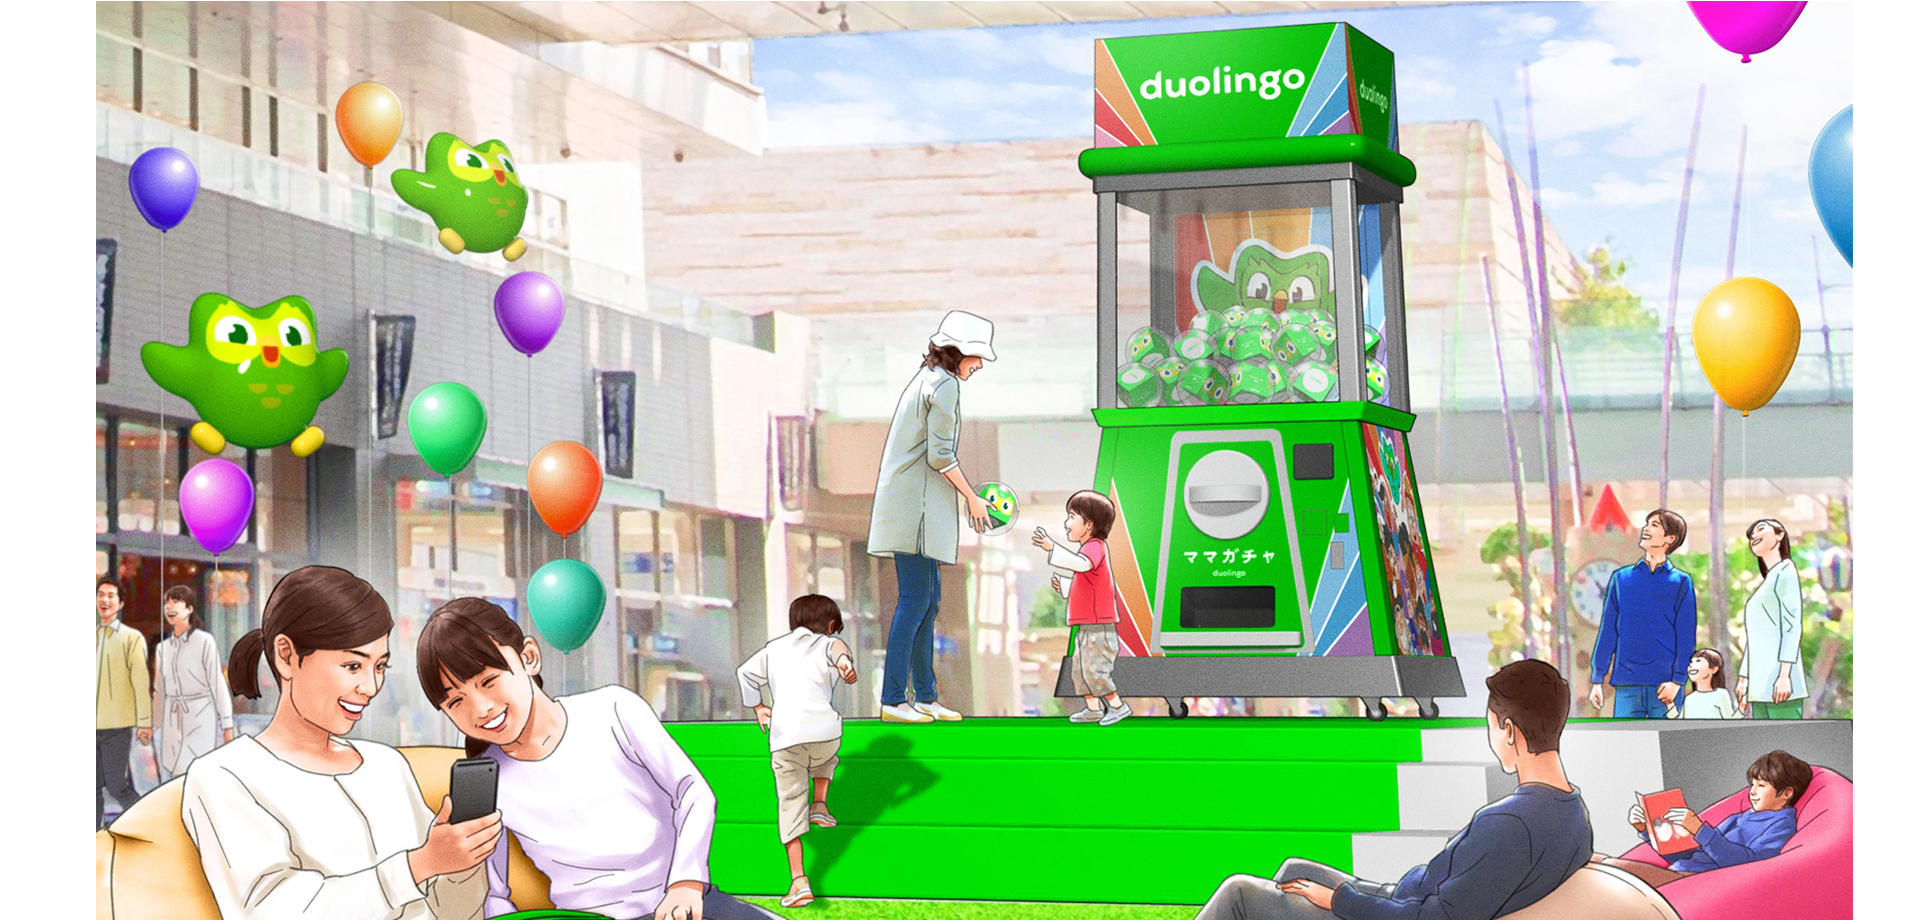 『ママガチャ』二子玉川 Duolingo